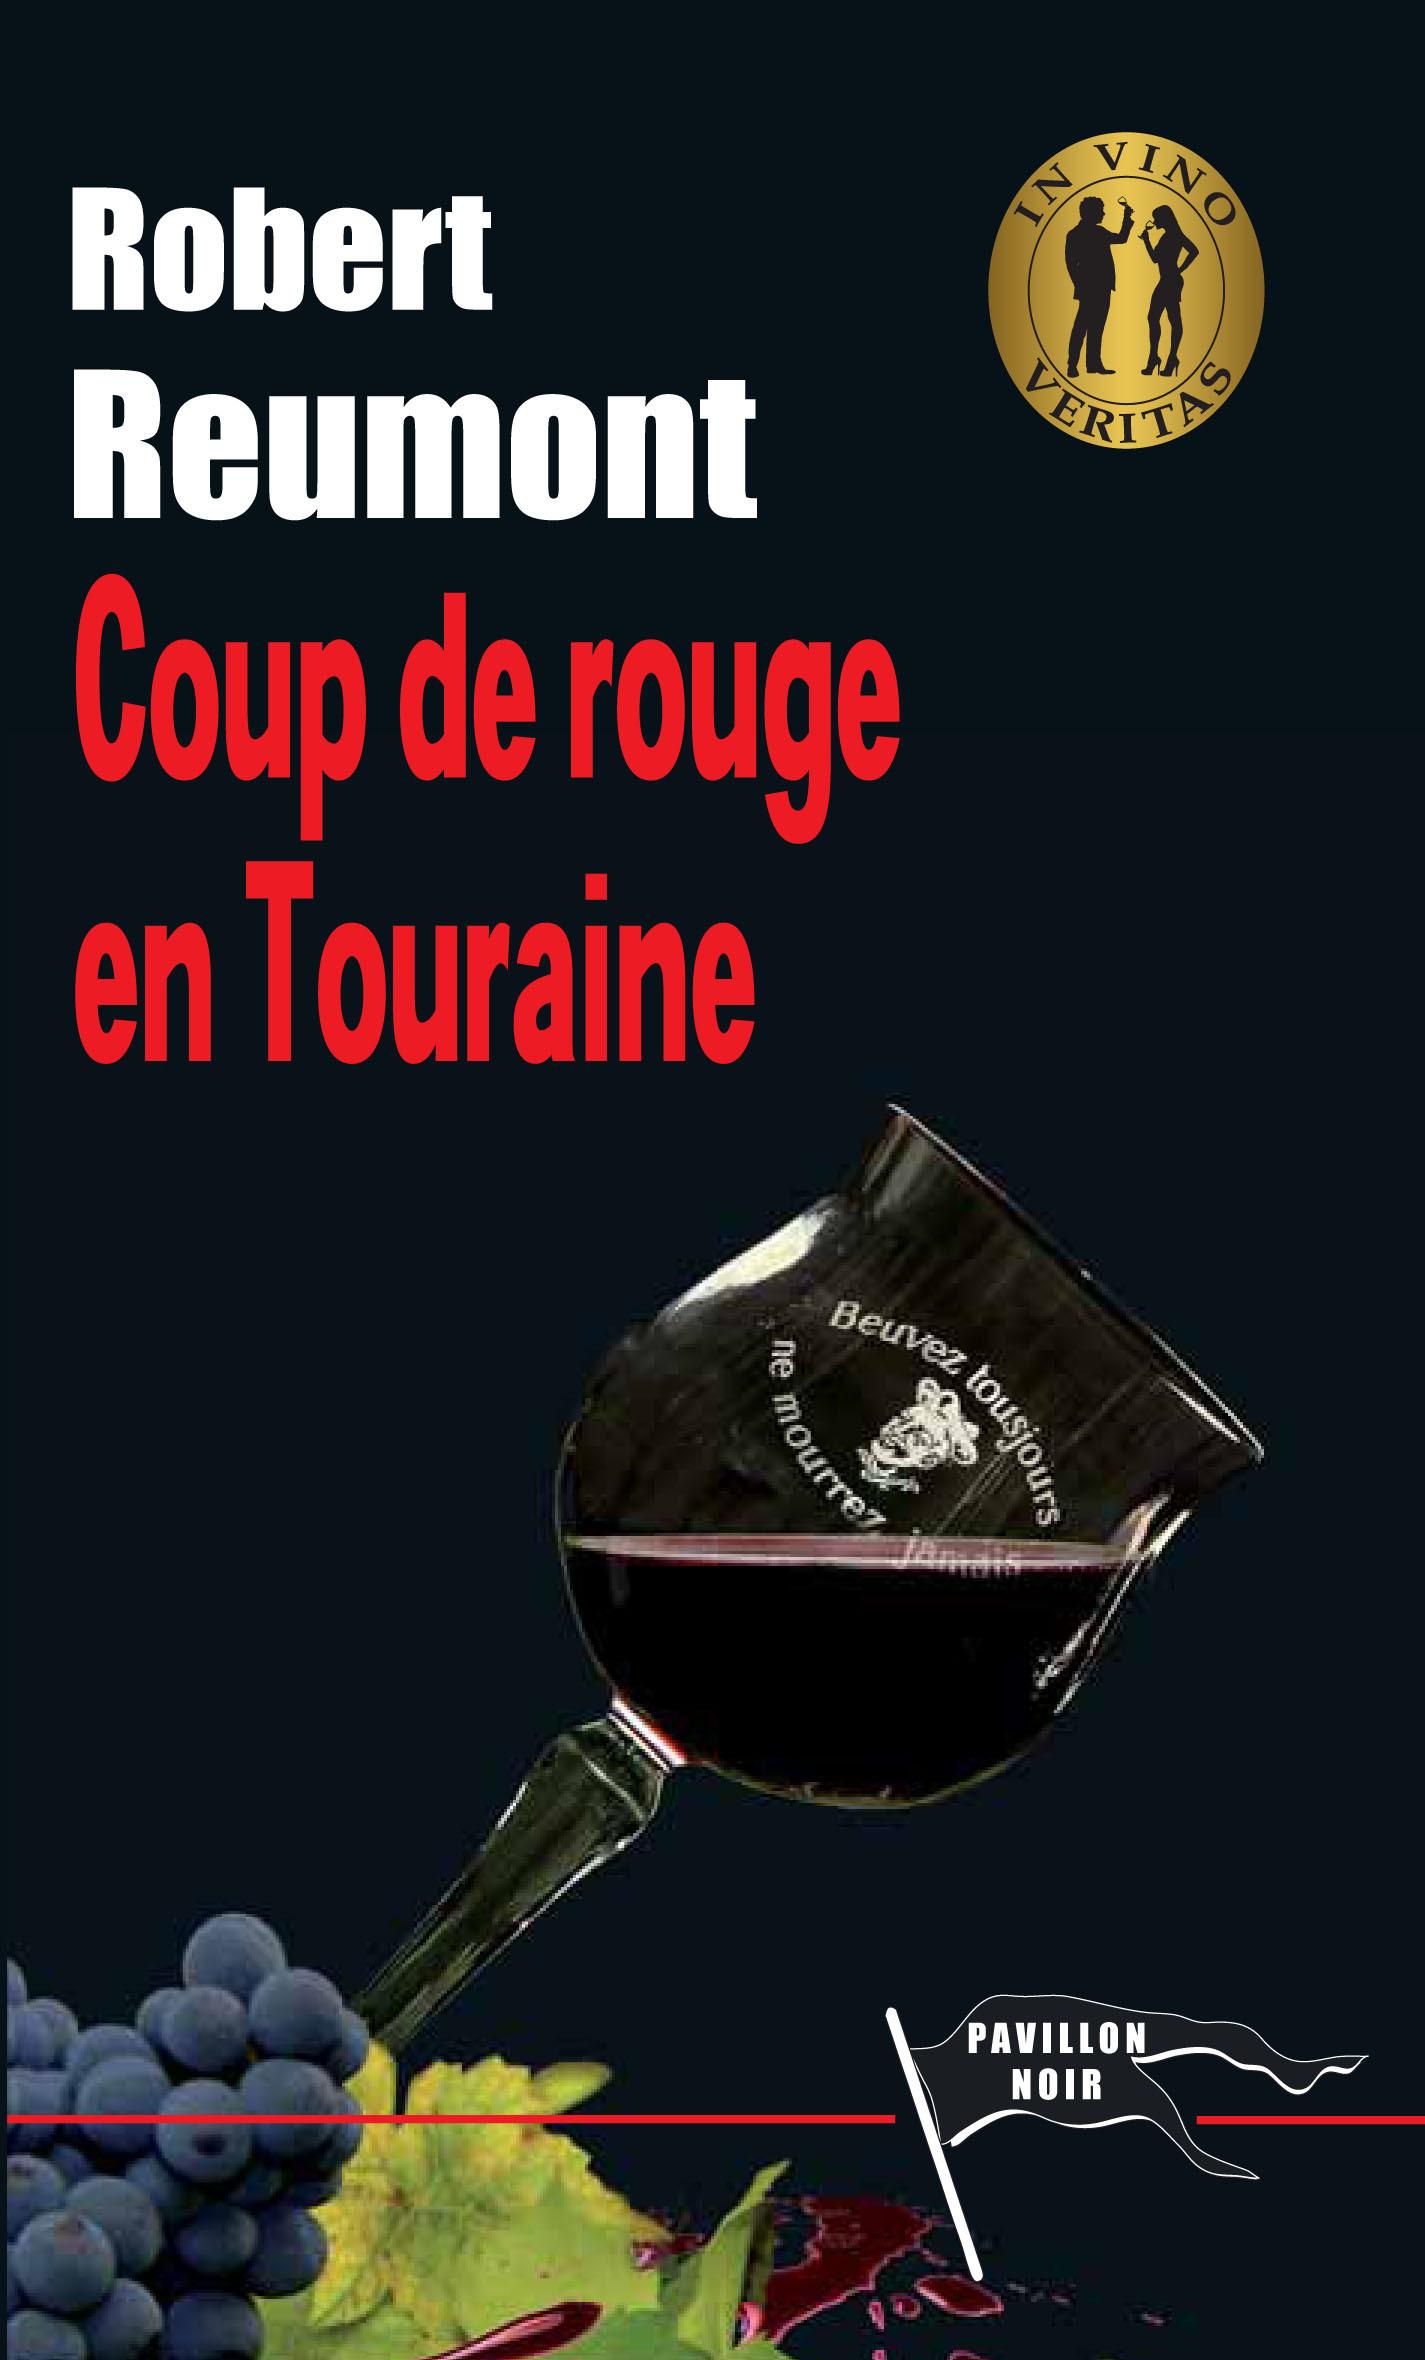 COUP DE ROUGE EN TOURAINE